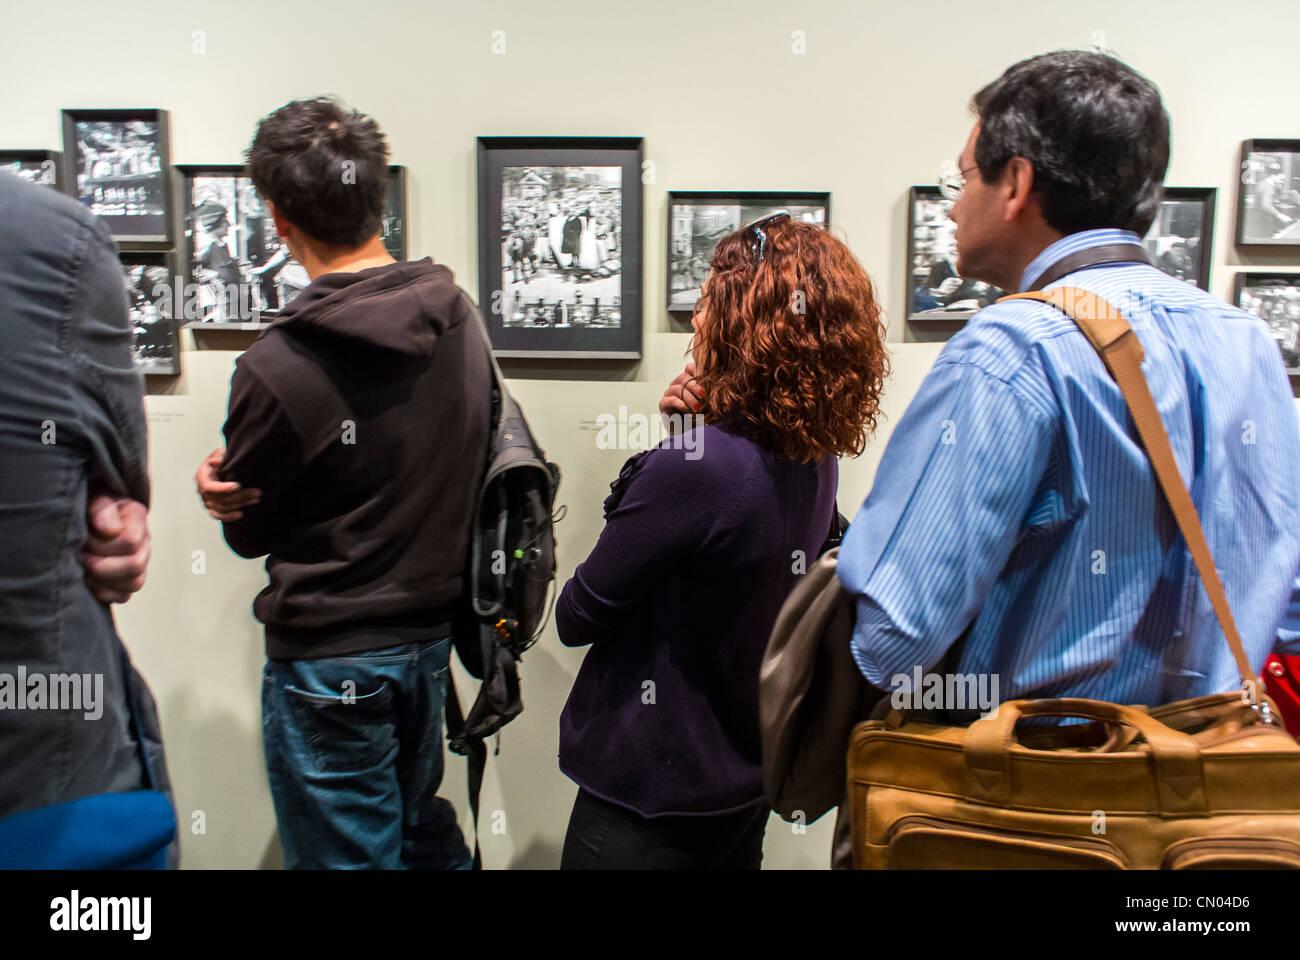 Paris, Frankreich, Leute, die schauen, bewundern Kunst, Ausstellung, Kunstausstellung im Rathaus Gebäude, Archivierung Stockbild